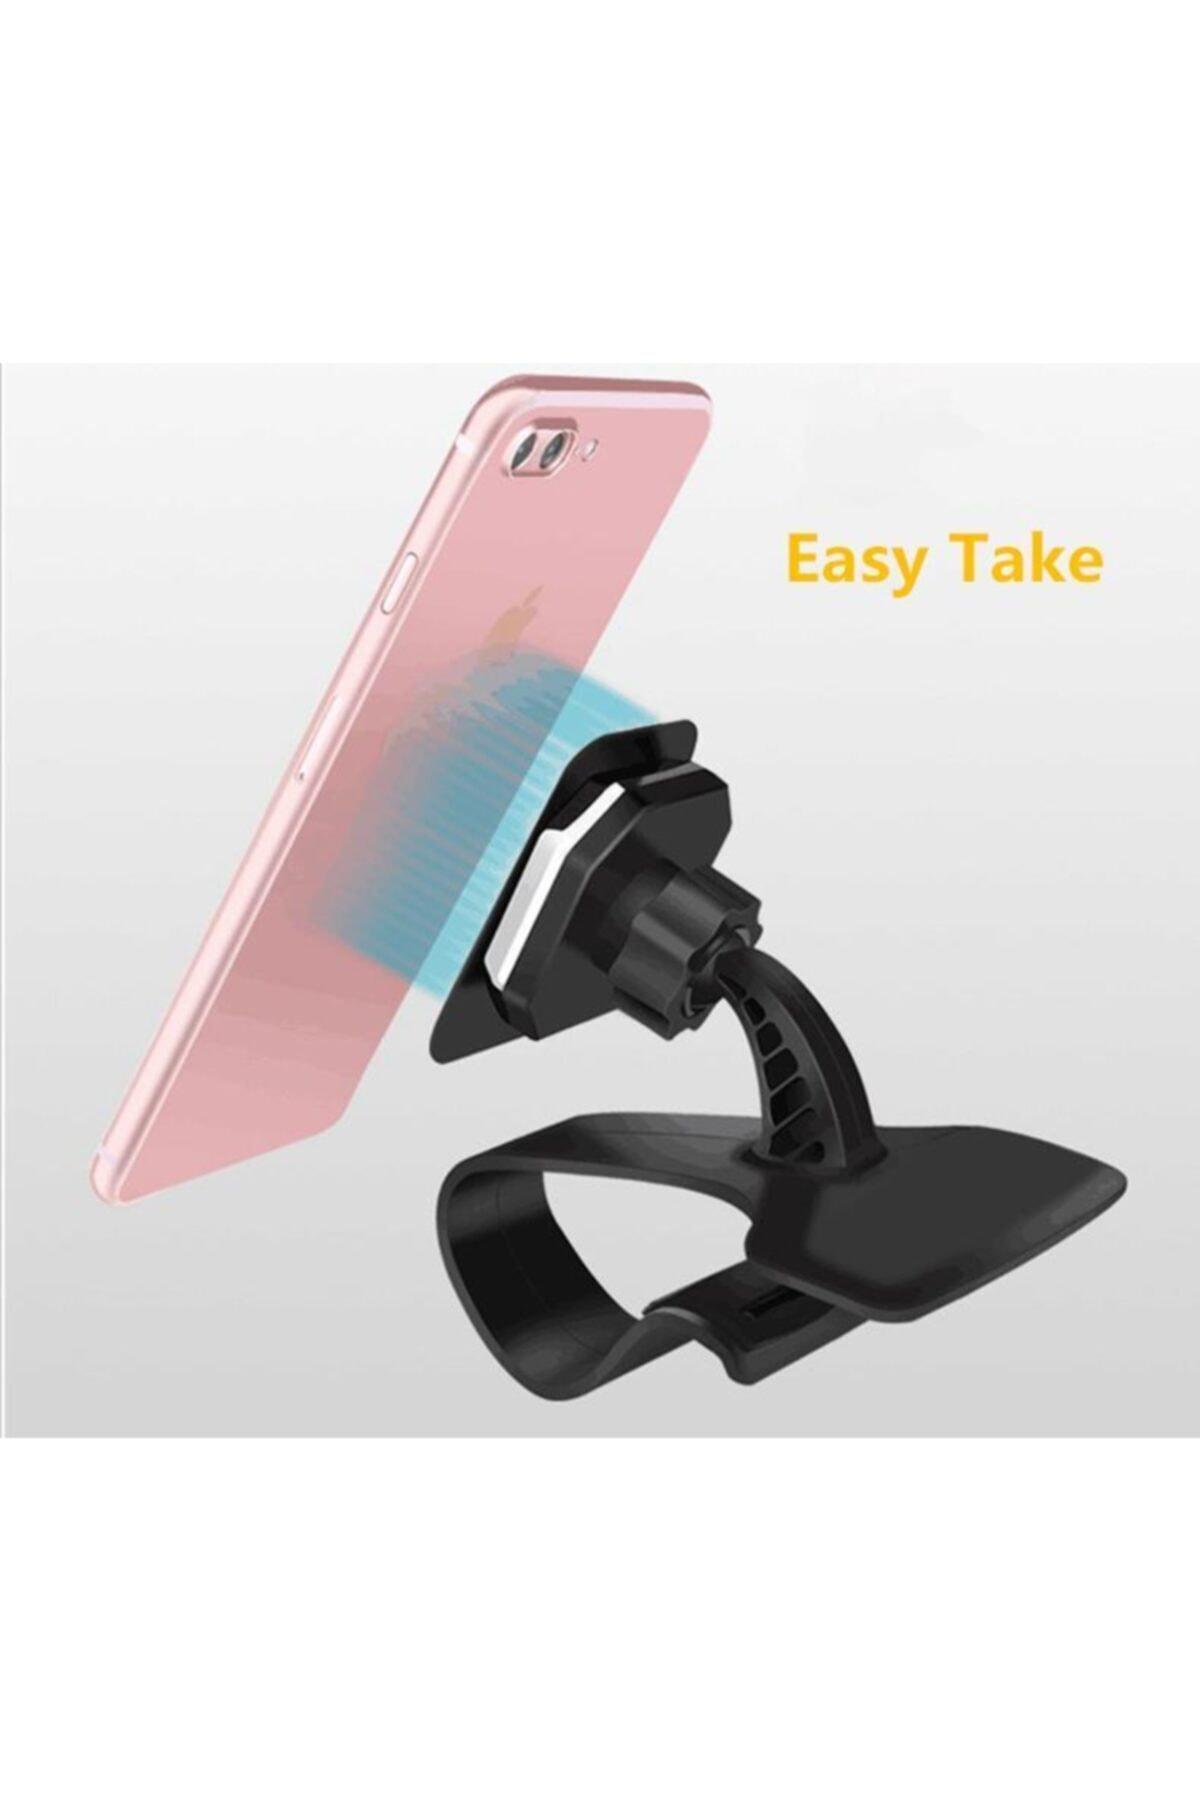 Techmaster Manyetik Mıknatıslı Araç Göğsü Torpido Telefon Tutucu Tutacağı